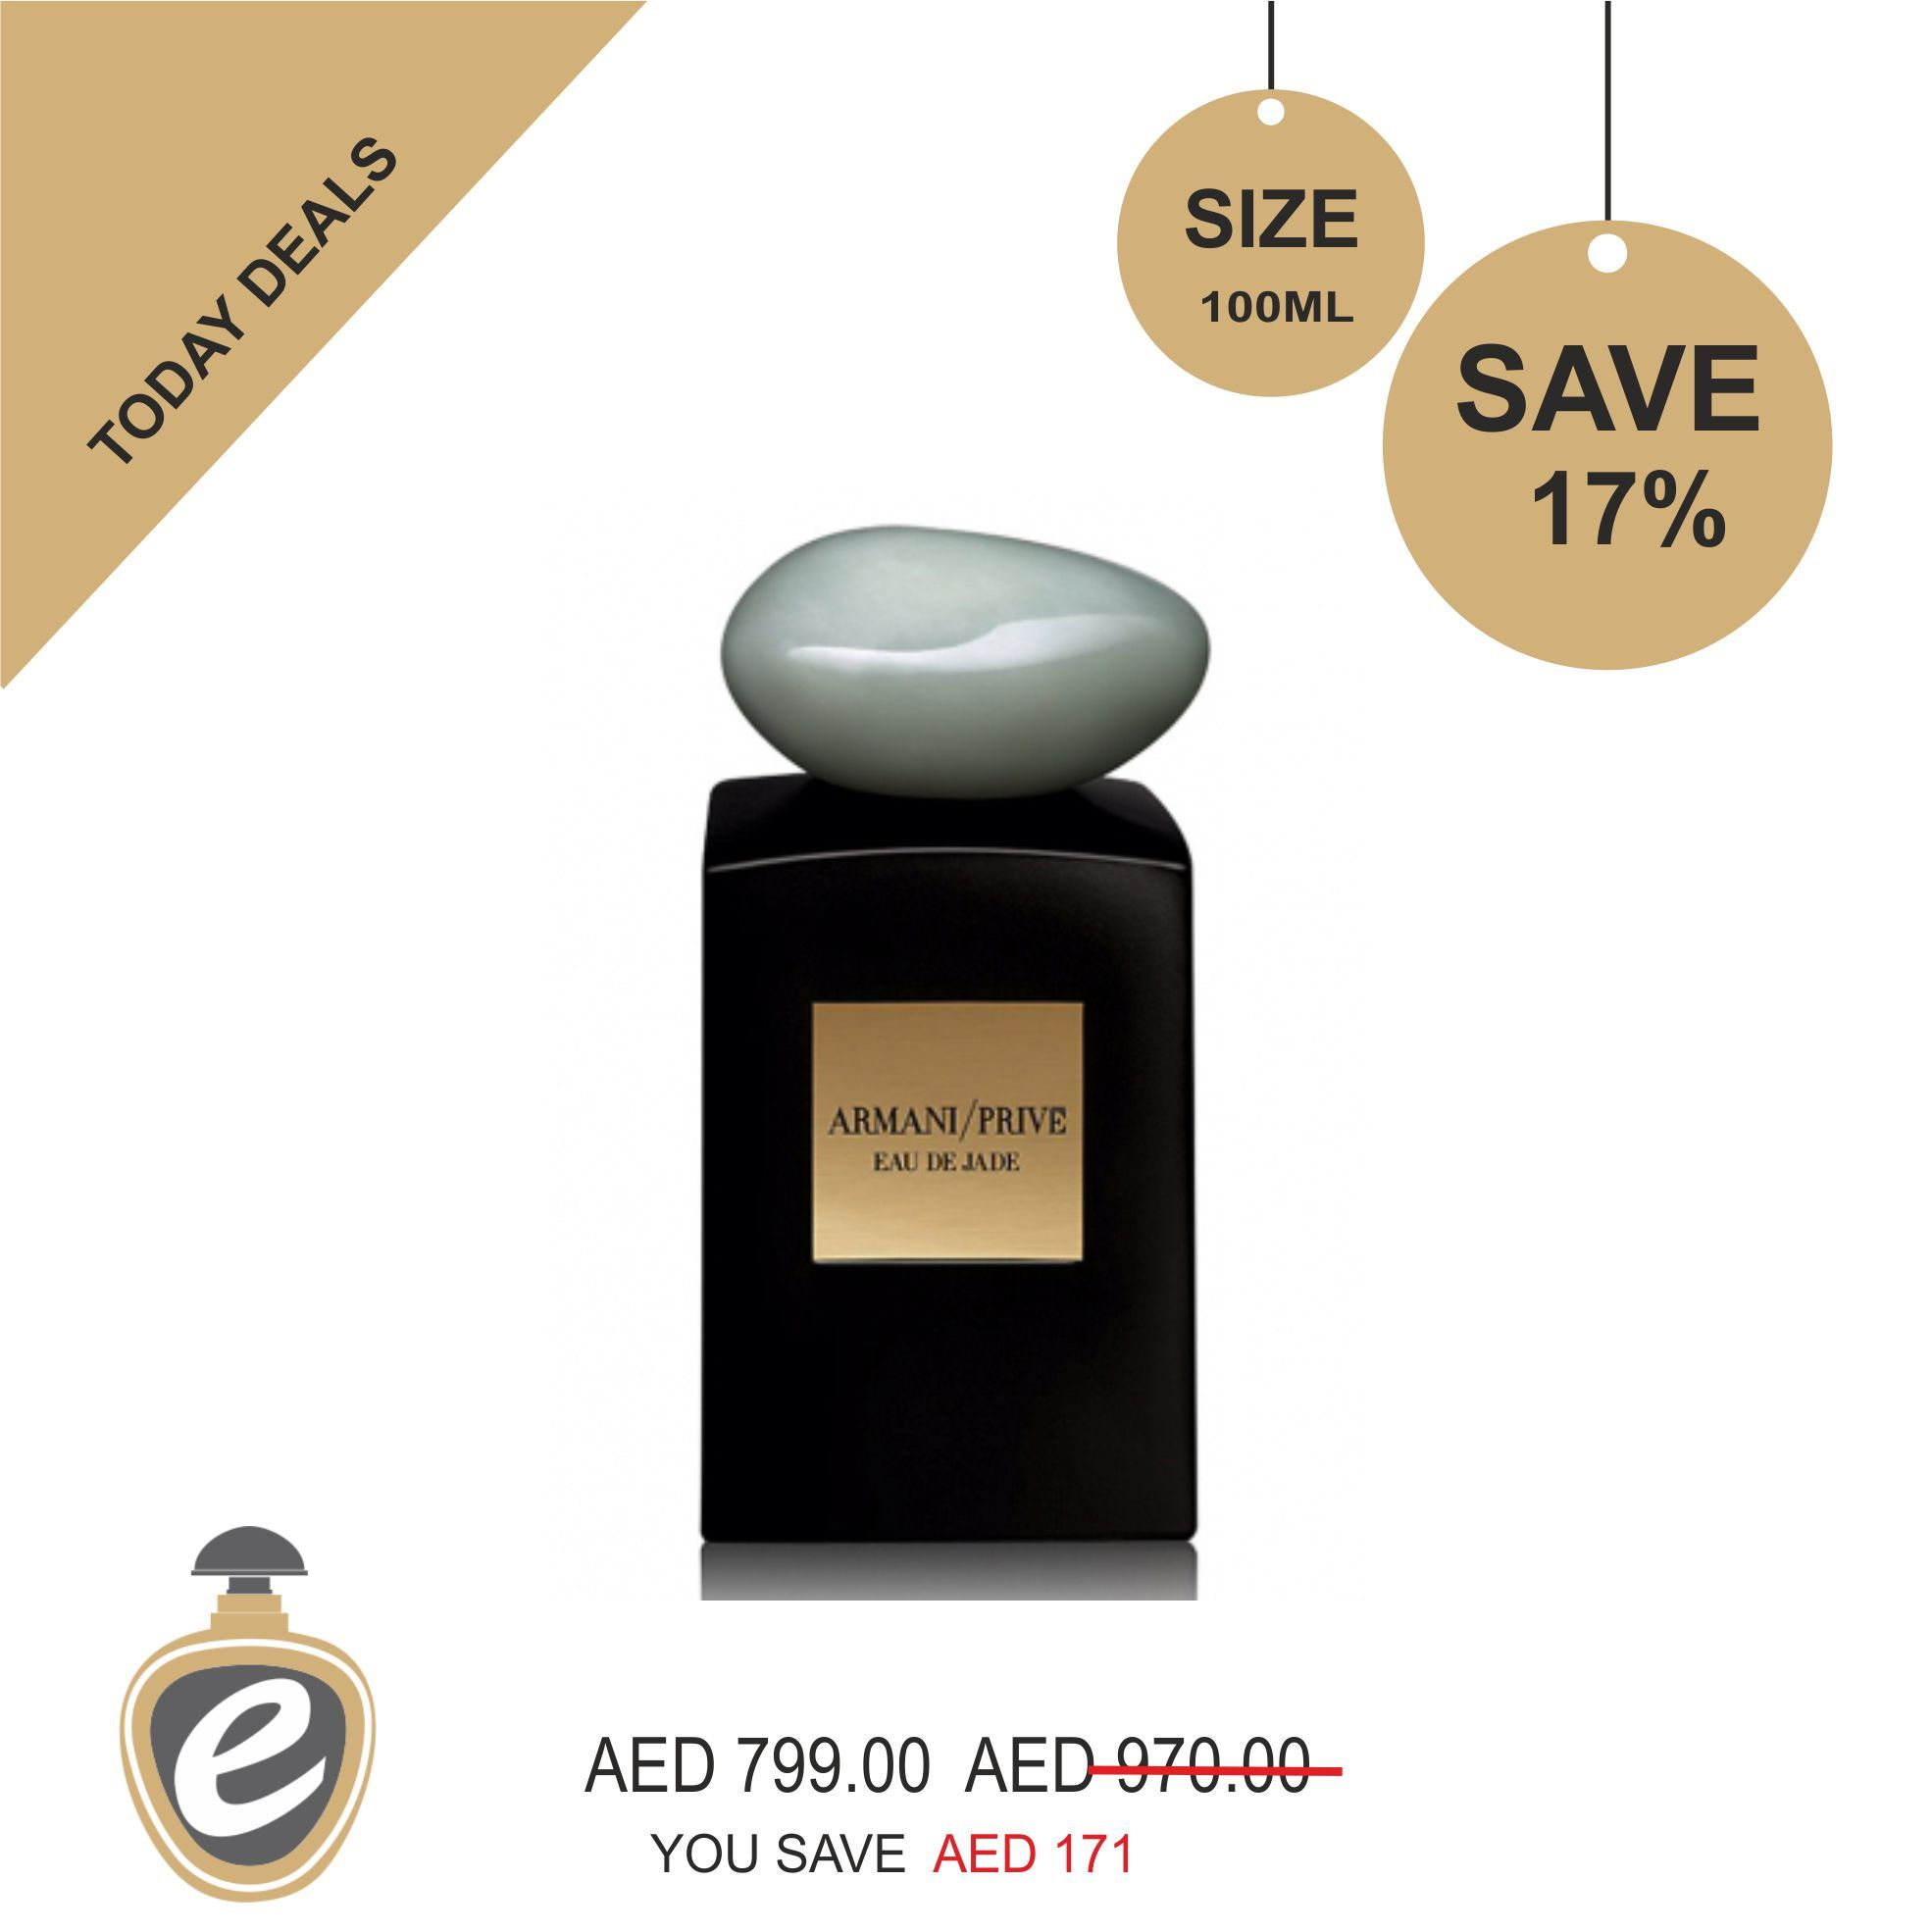 Armani Prive Cologne Spray Eau de Jade Giorgio Armani Eau De Parfum For Women And Men 100 ml